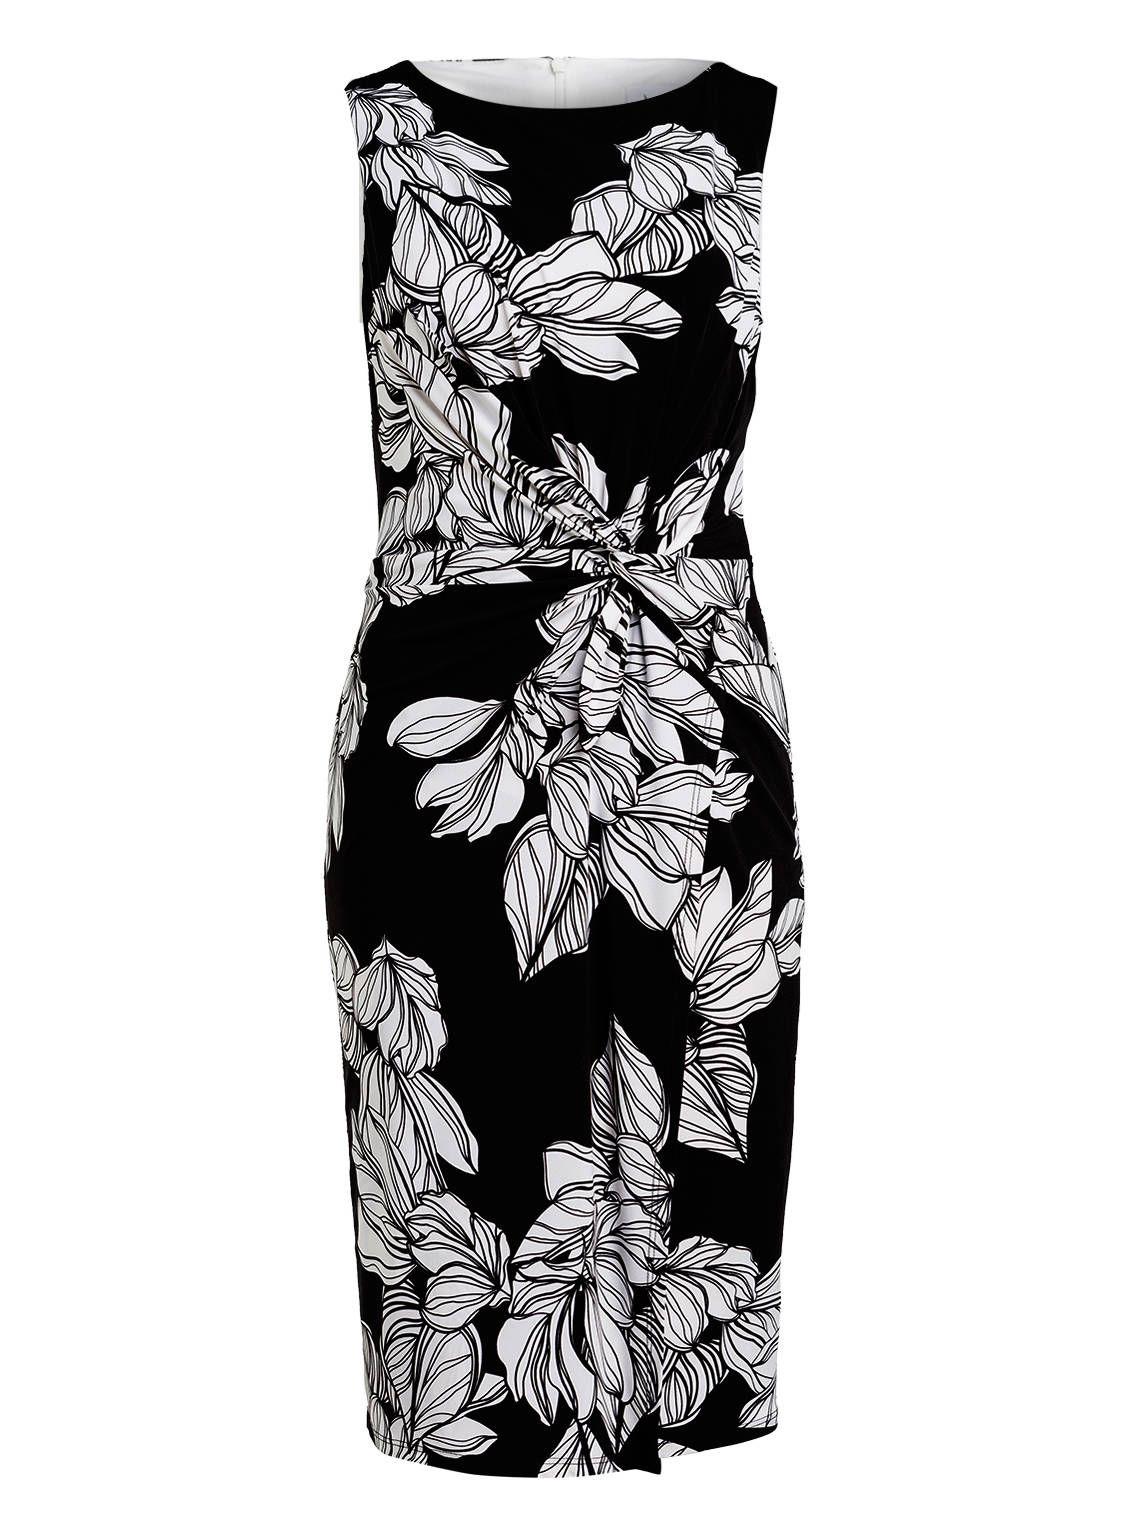 Joseph Ribkoff Kleid in 18  Kleider, Joseph ribkoff und Wolle